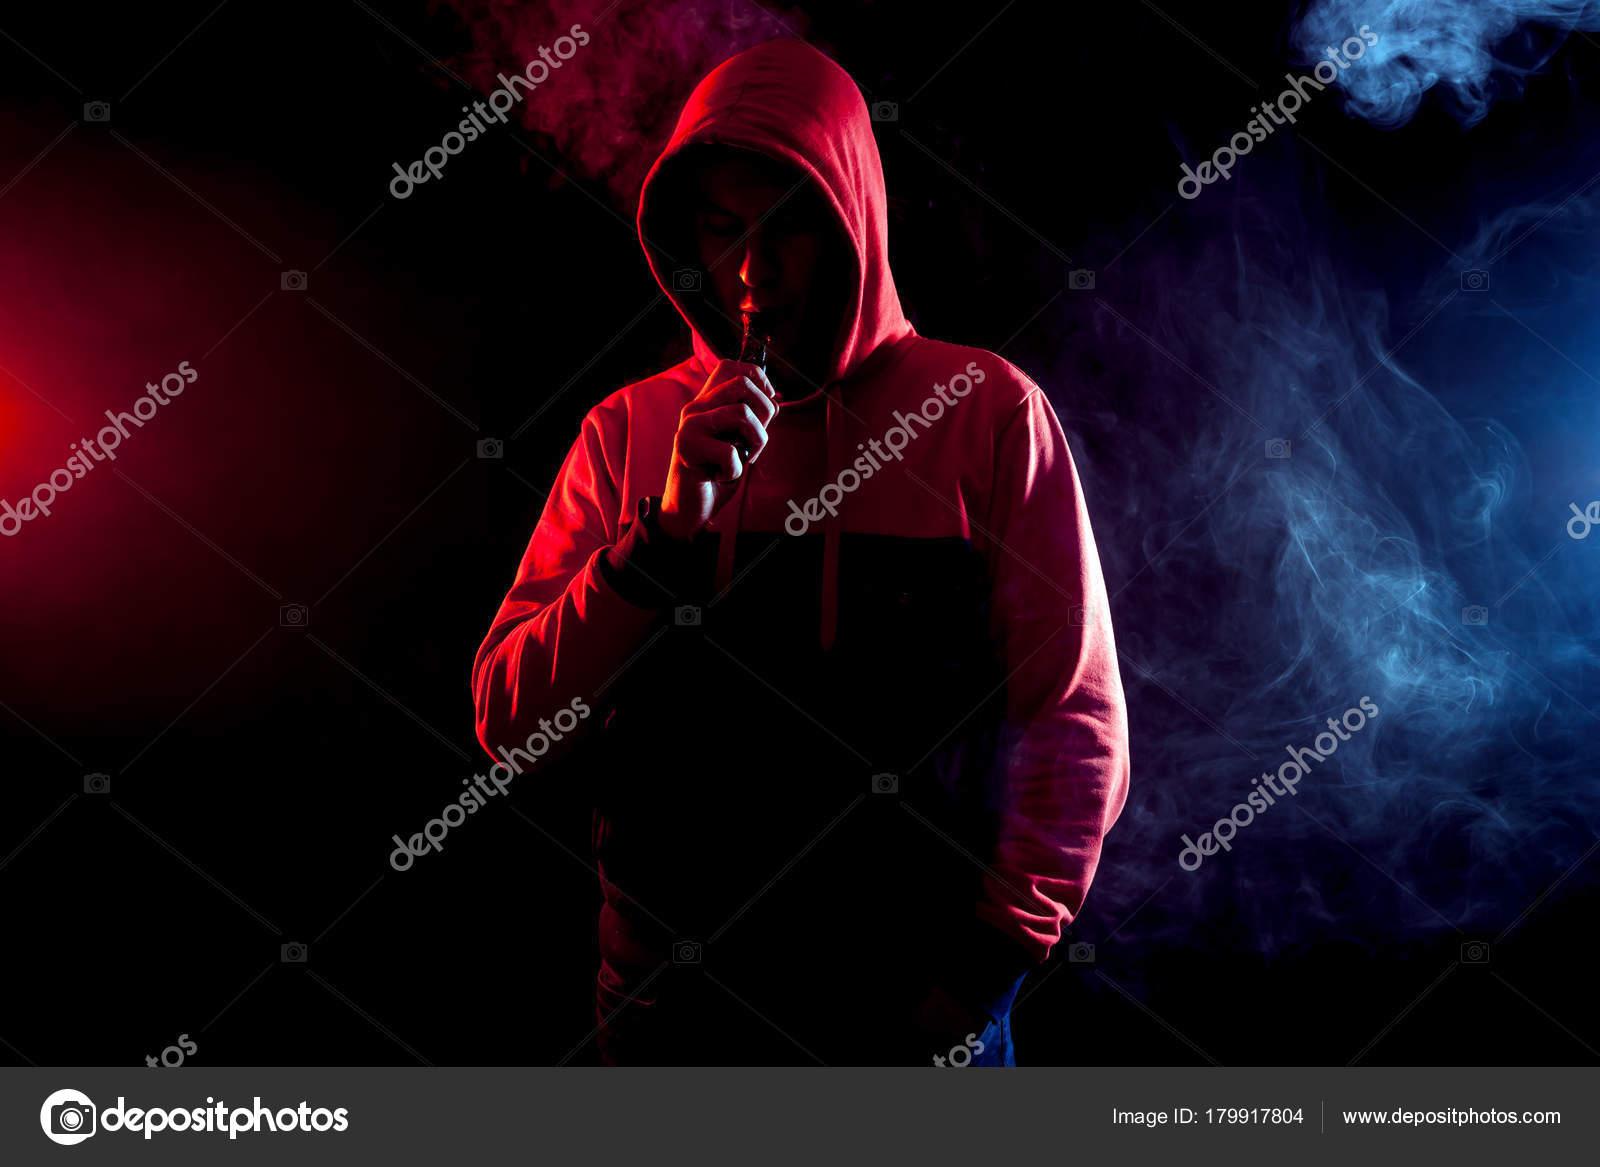 Man Smoke Vape Bright Light Background Blue Red Clouds Smoke